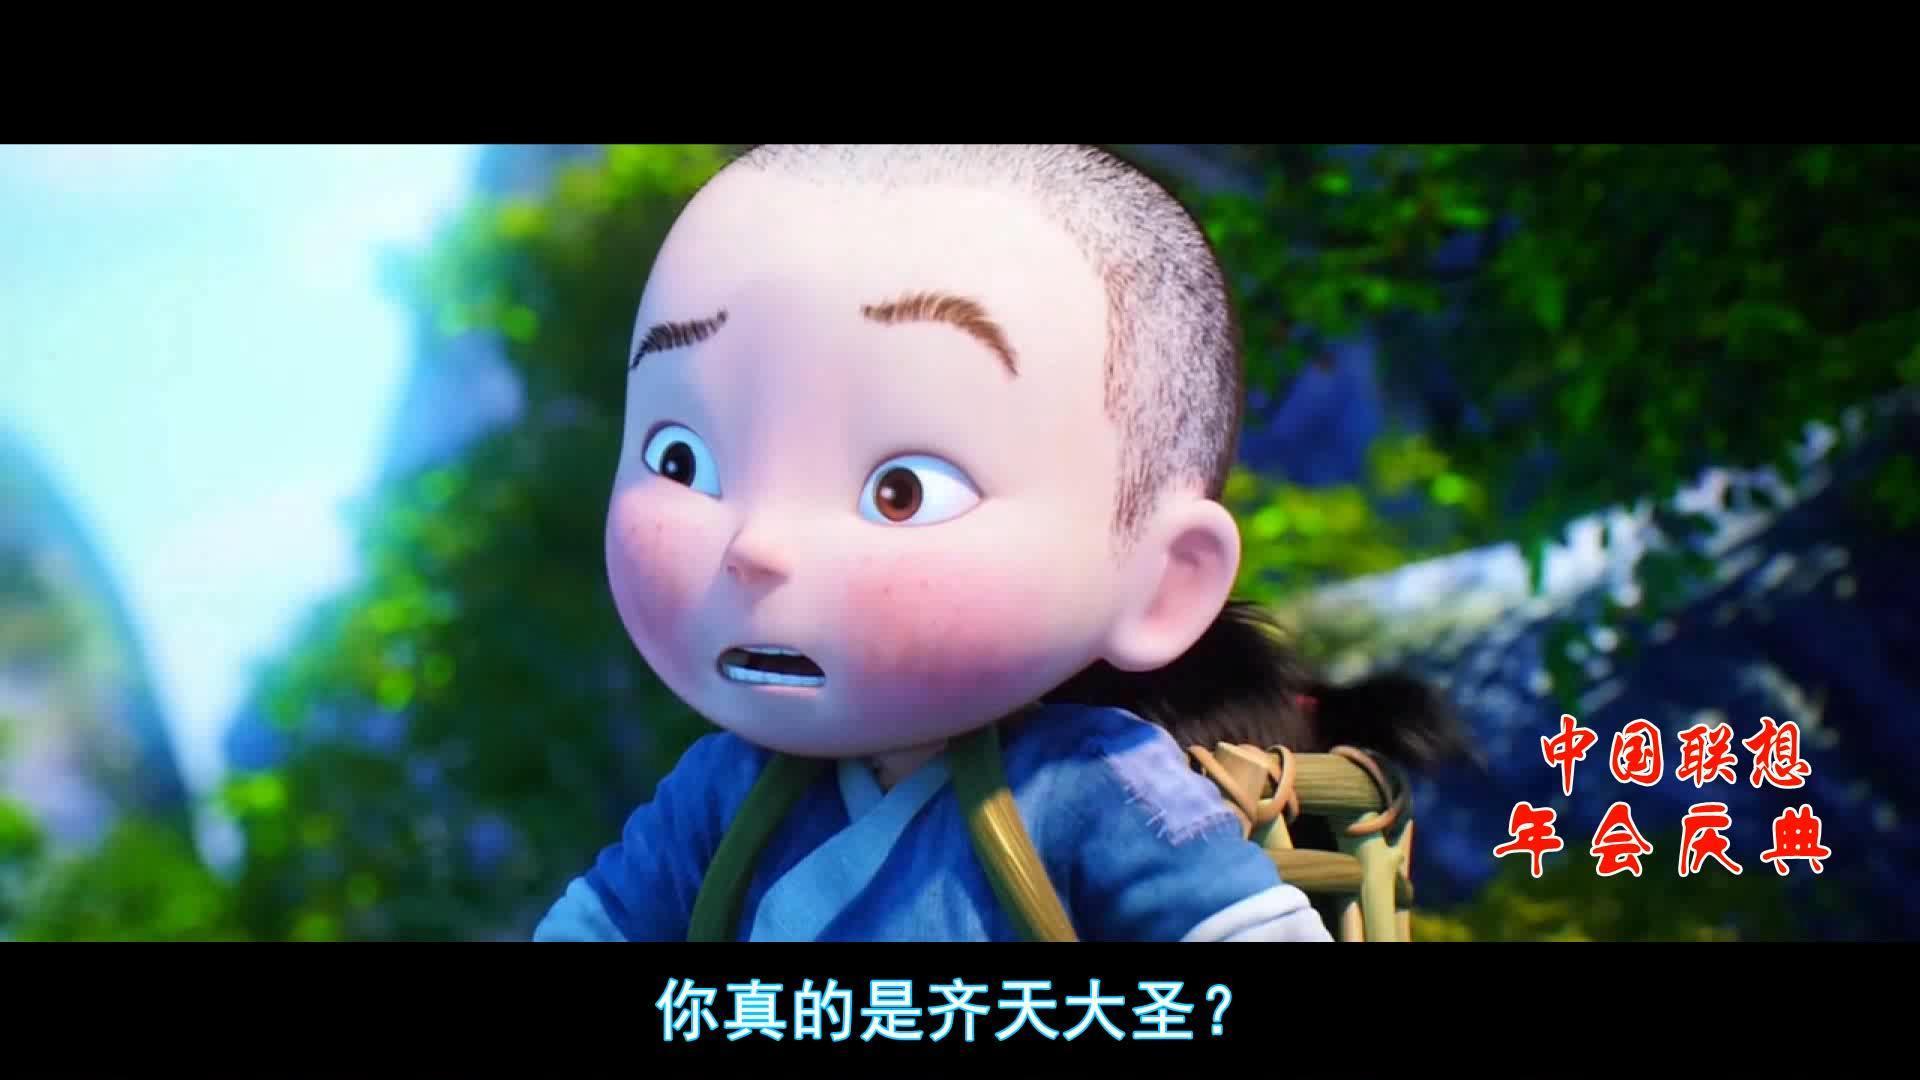 多人搞笑小品剧本 - 搞笑小品剧本大全 - 中国国际剧本网